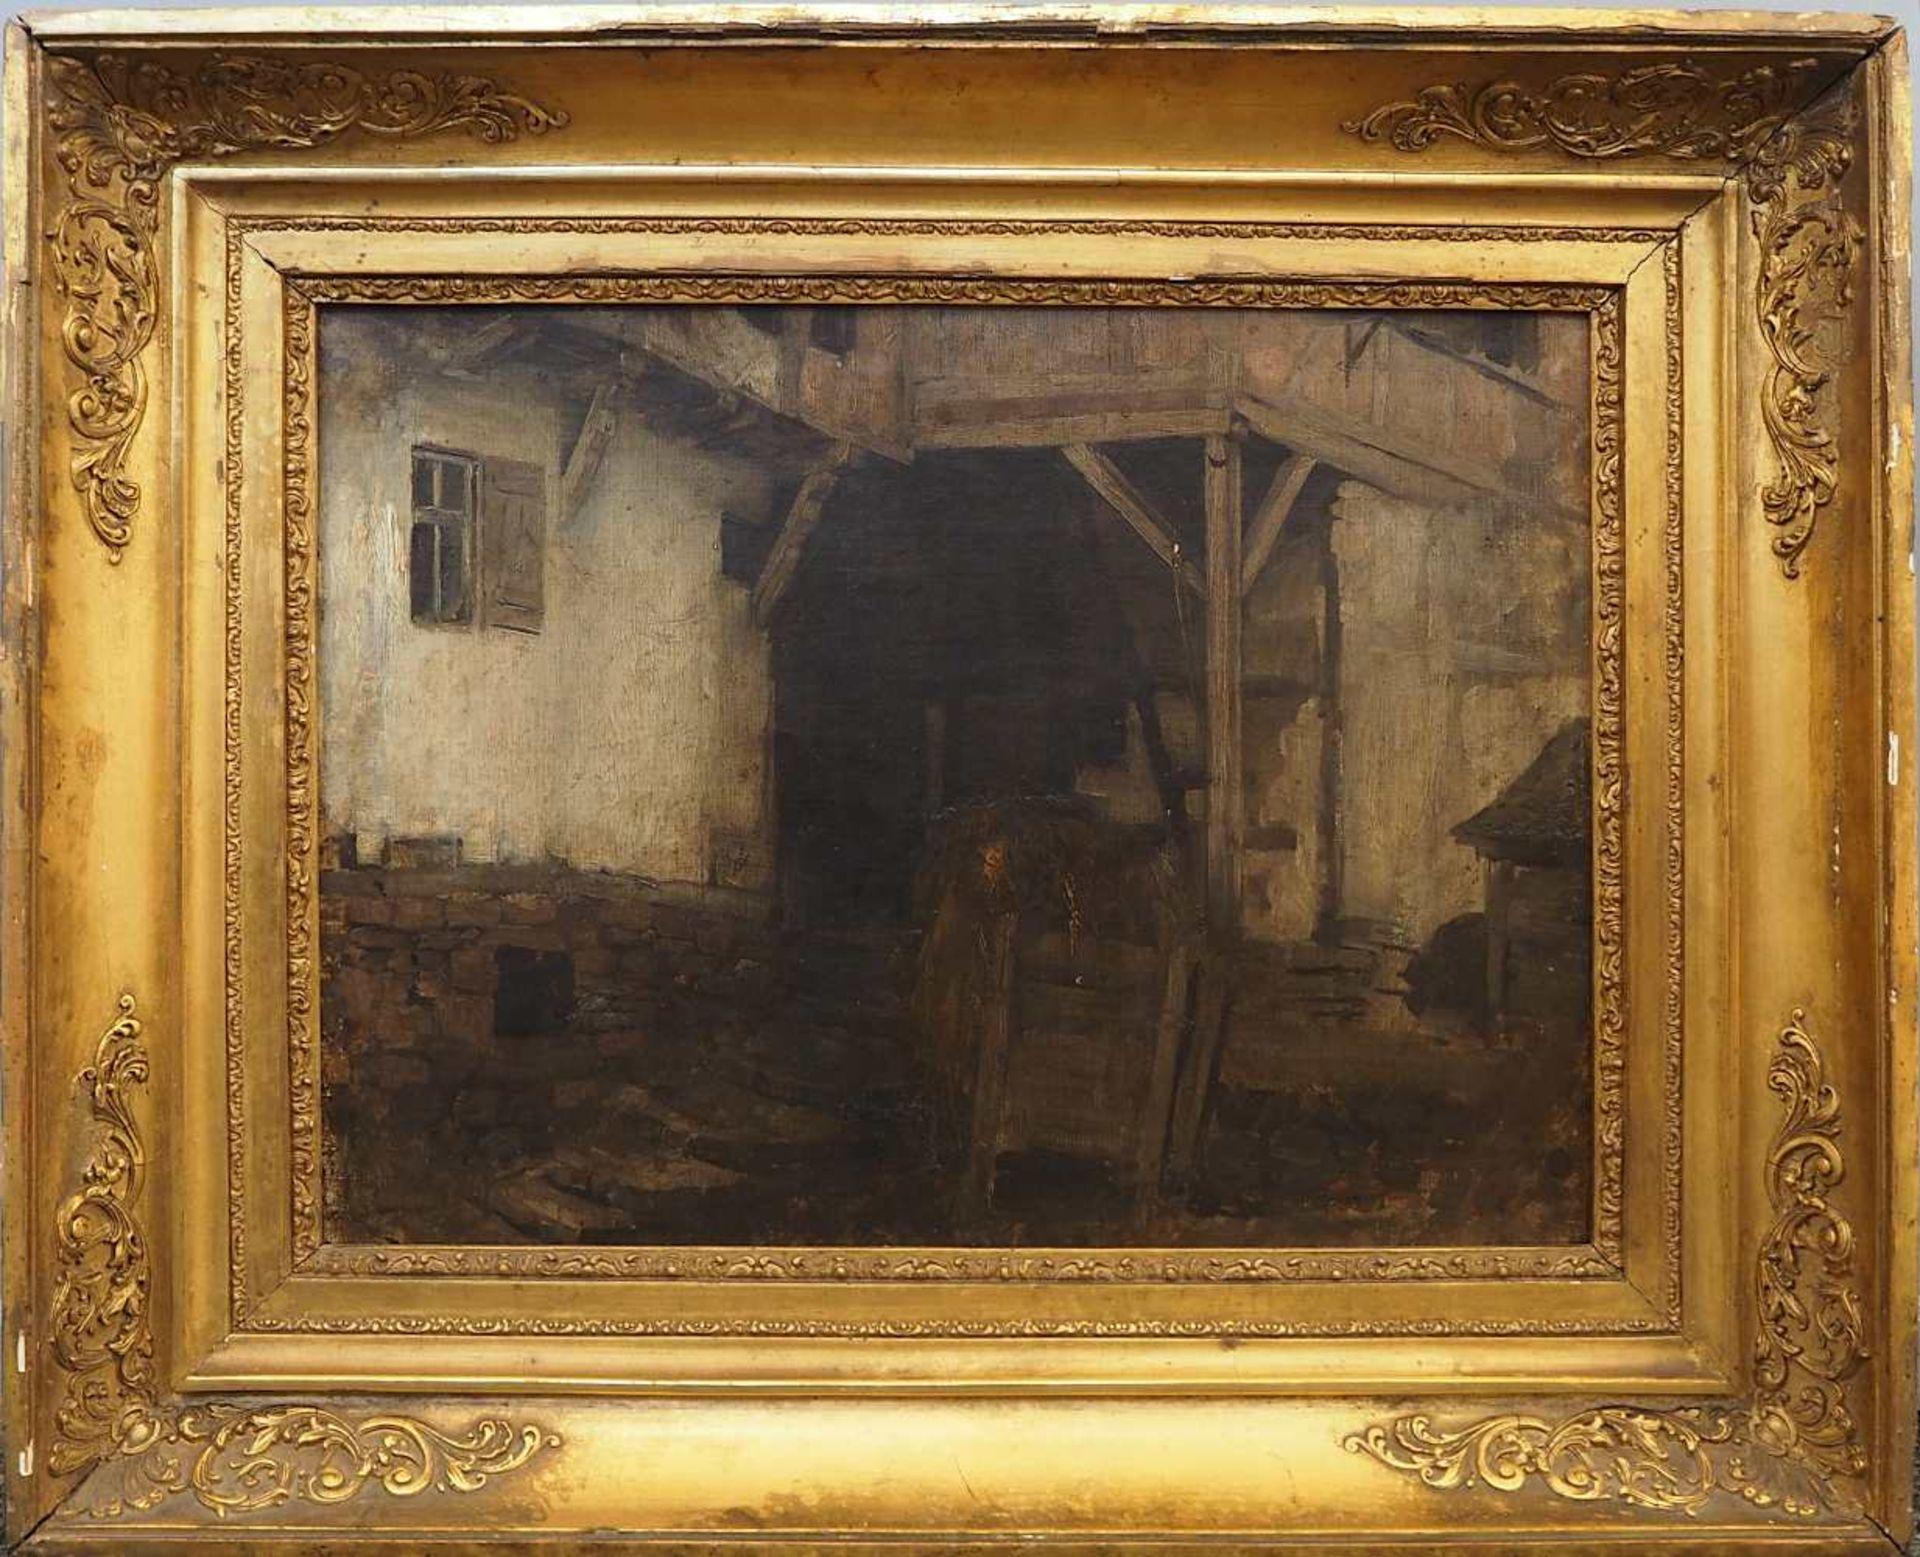 """1 Ölgemälde R.u. sign. J. SPERL (wohl Johann S. 1840-1914), """"Blick in die Scheune"""", - Bild 4 aus 8"""